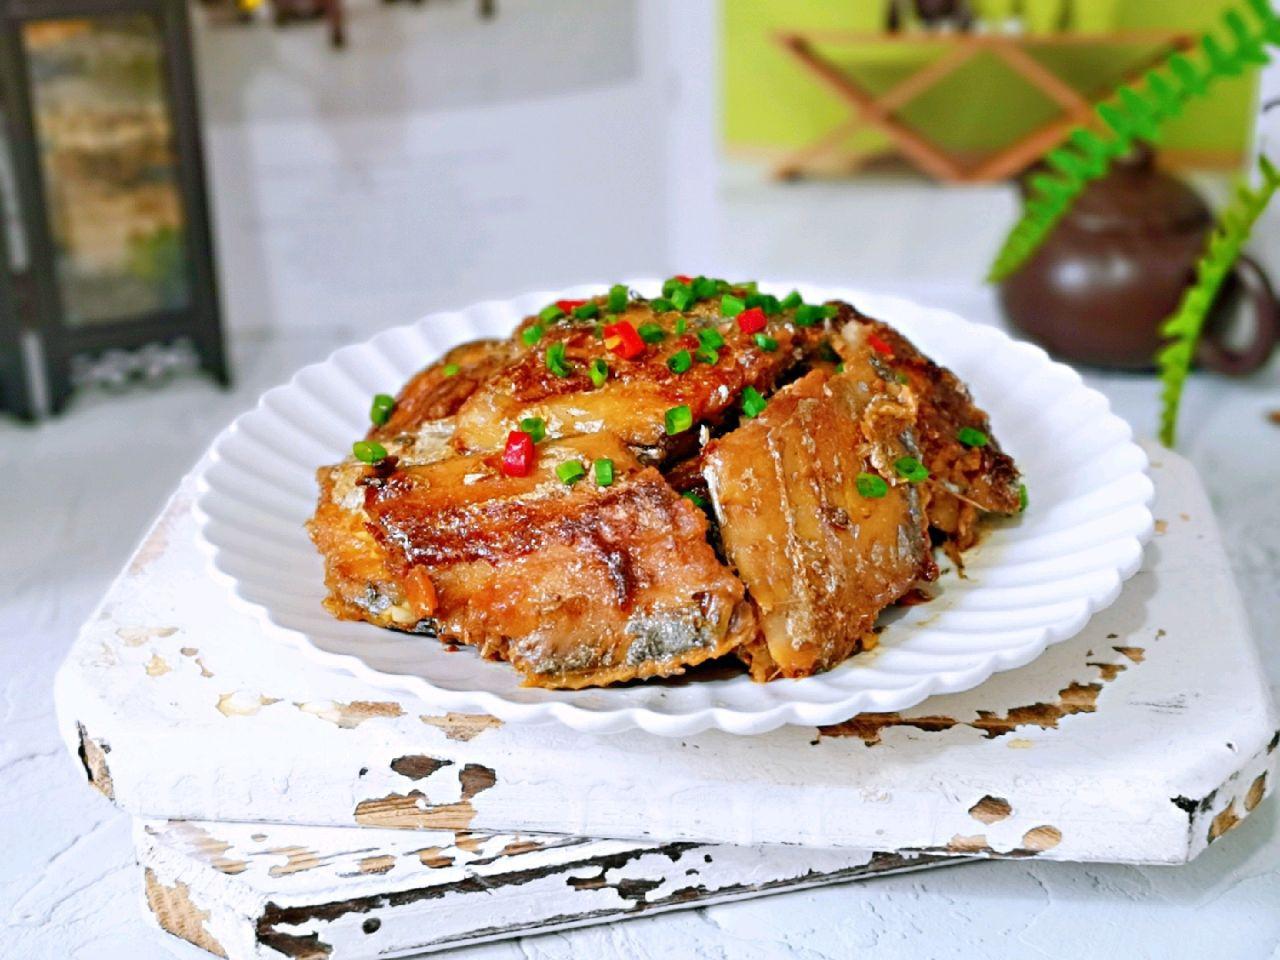 Mỗi lần tôi làm món cá rim mặn này là cơm hết nhanh đến 'hốt hoảng' - Ảnh 5